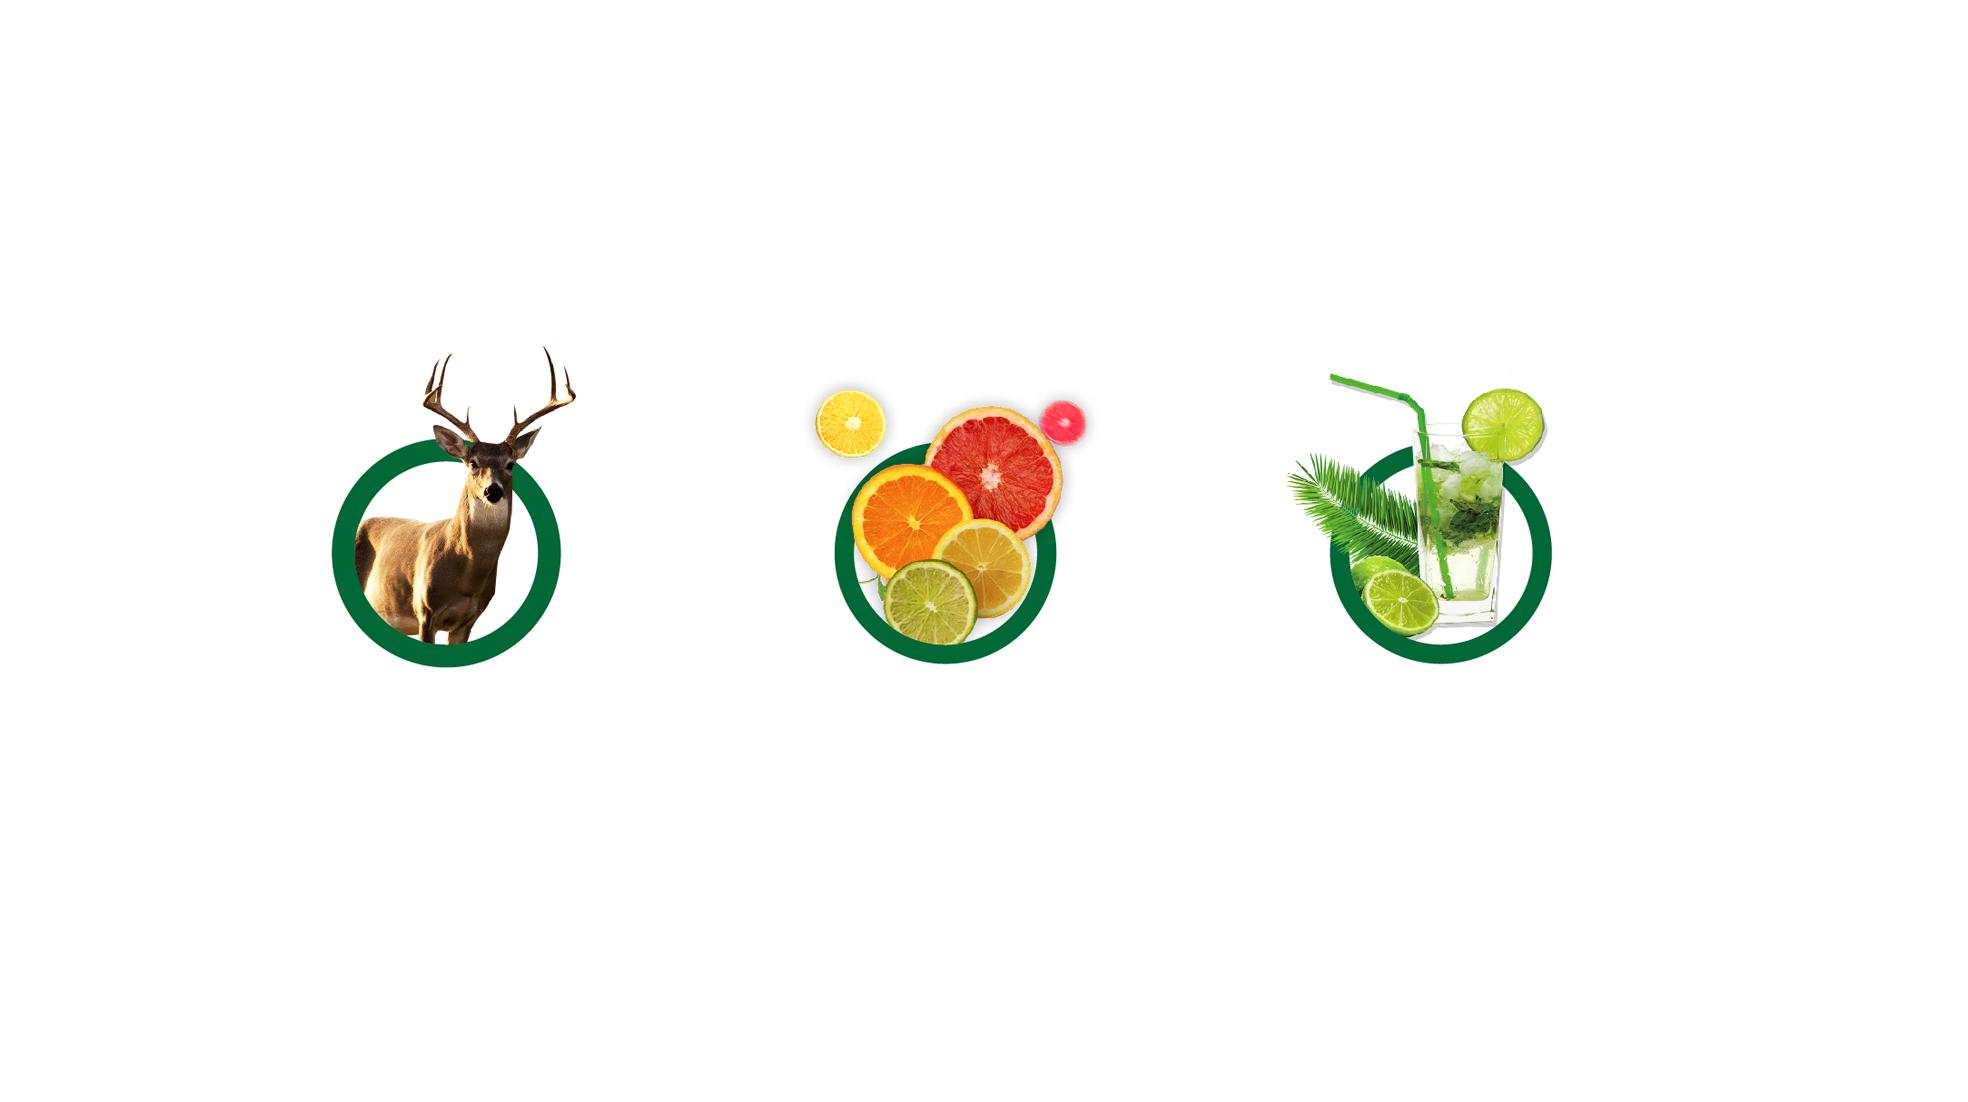 鹿小里logo设计